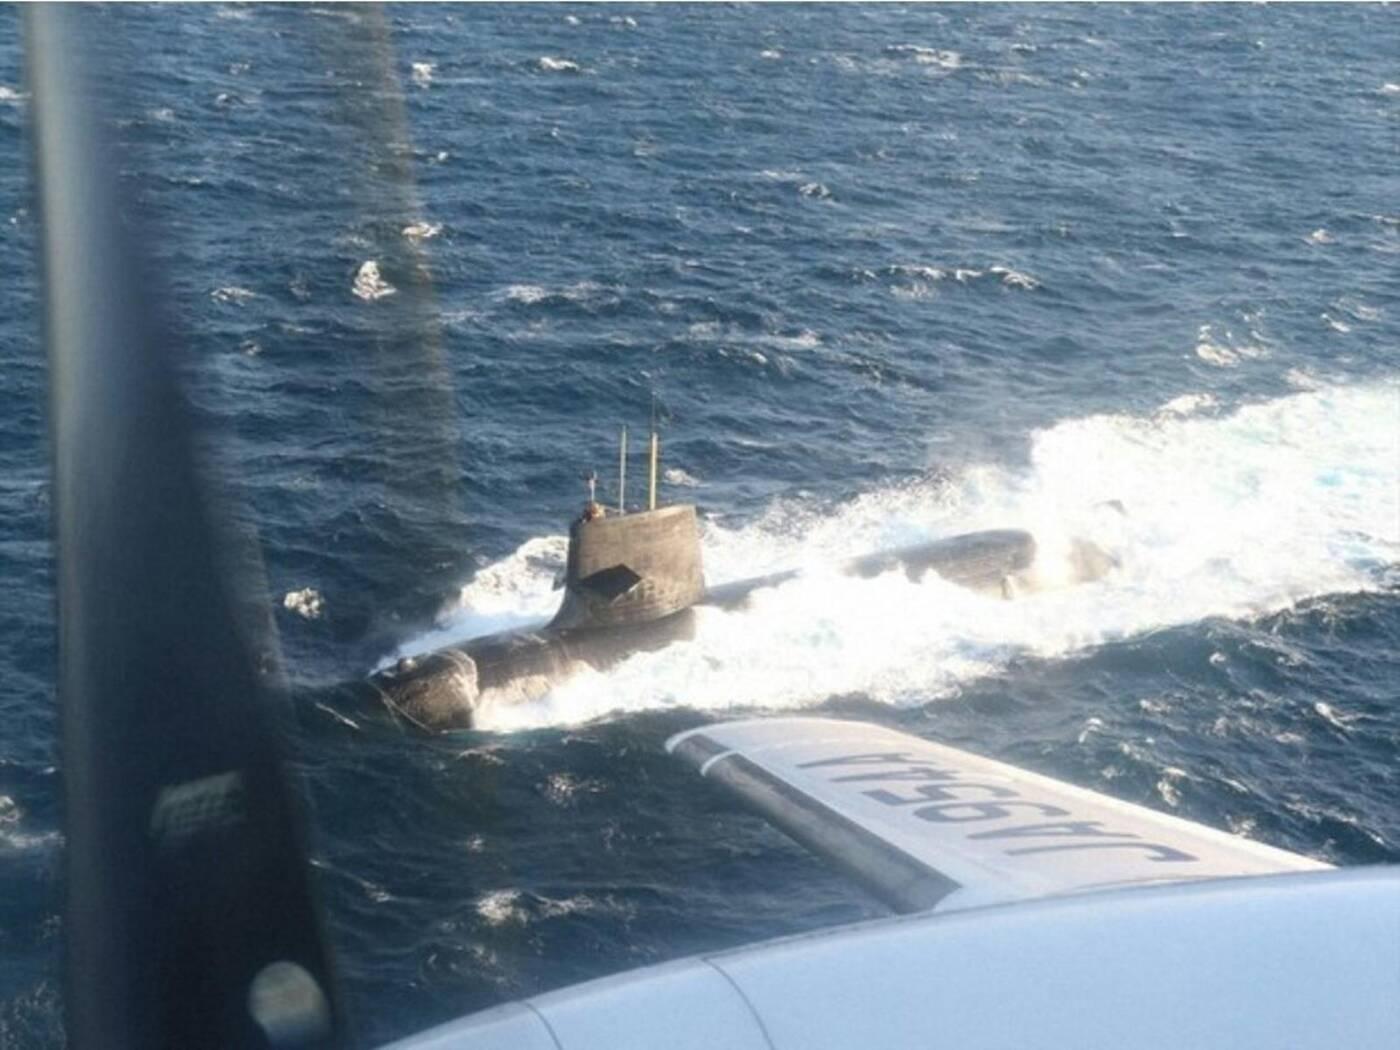 Japoński okręt podwodny zderzył